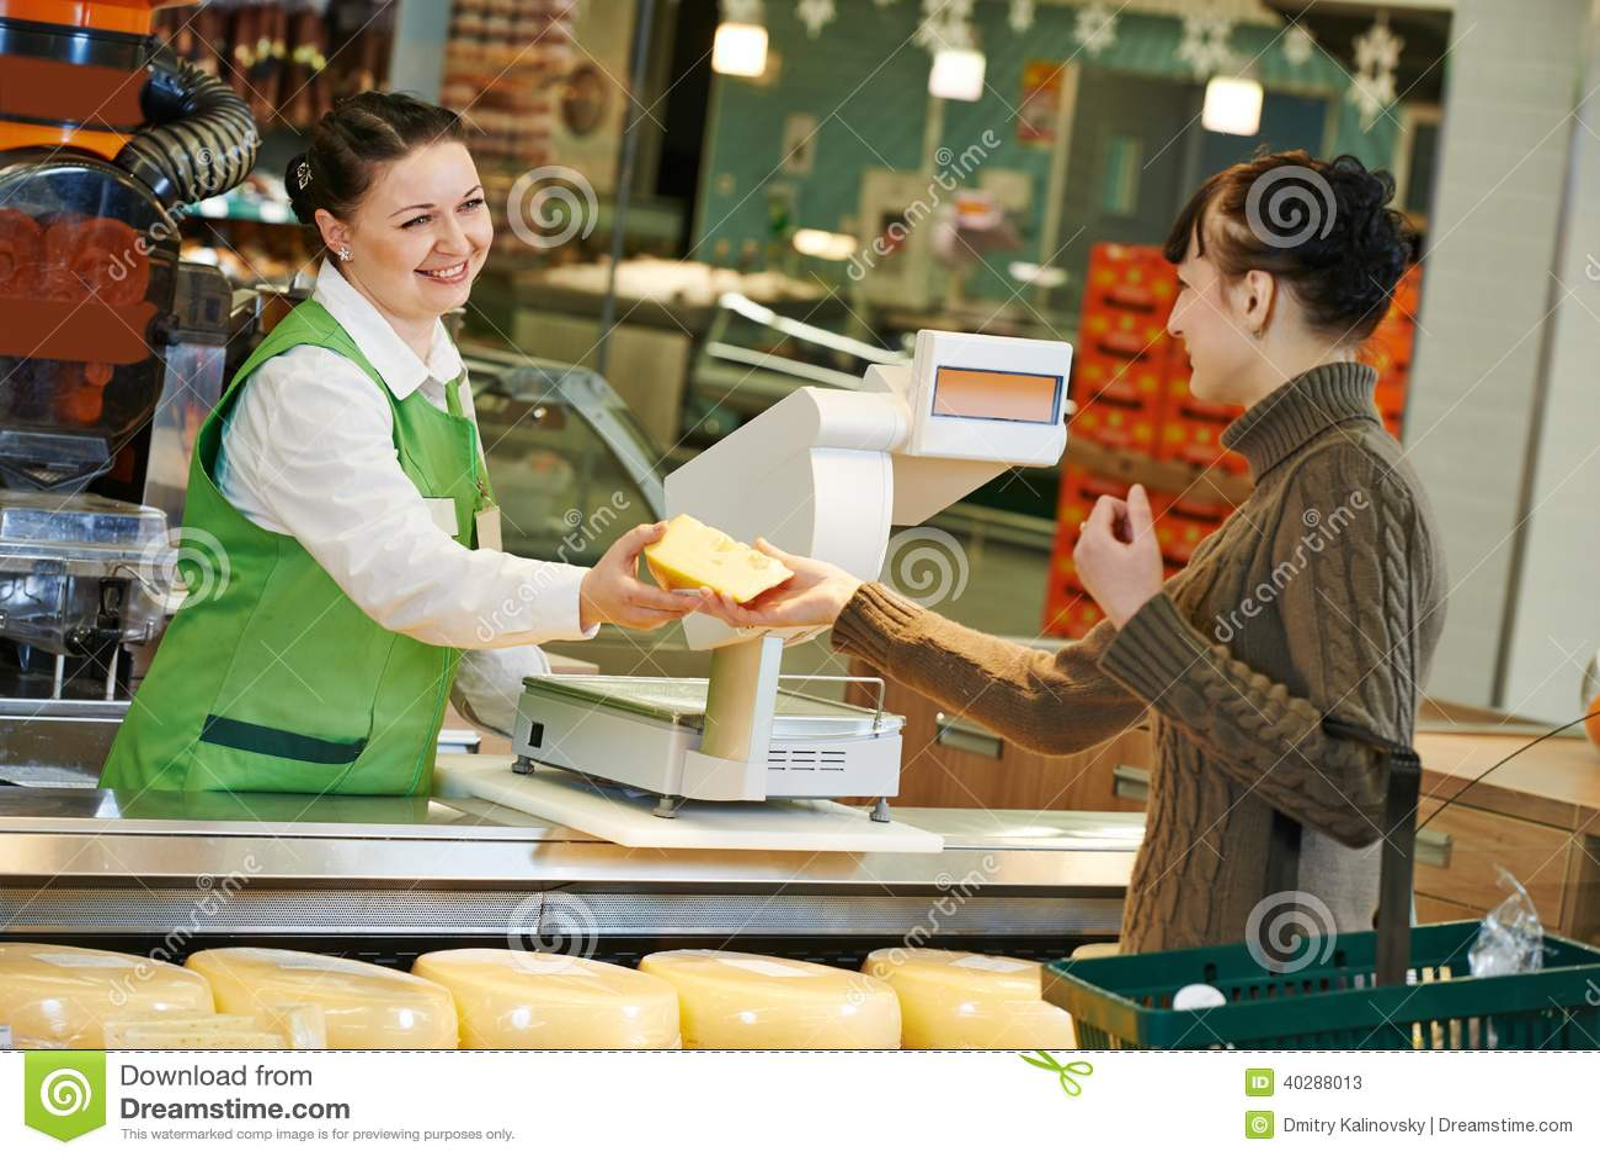 Ходить по магазинам в супермаркете